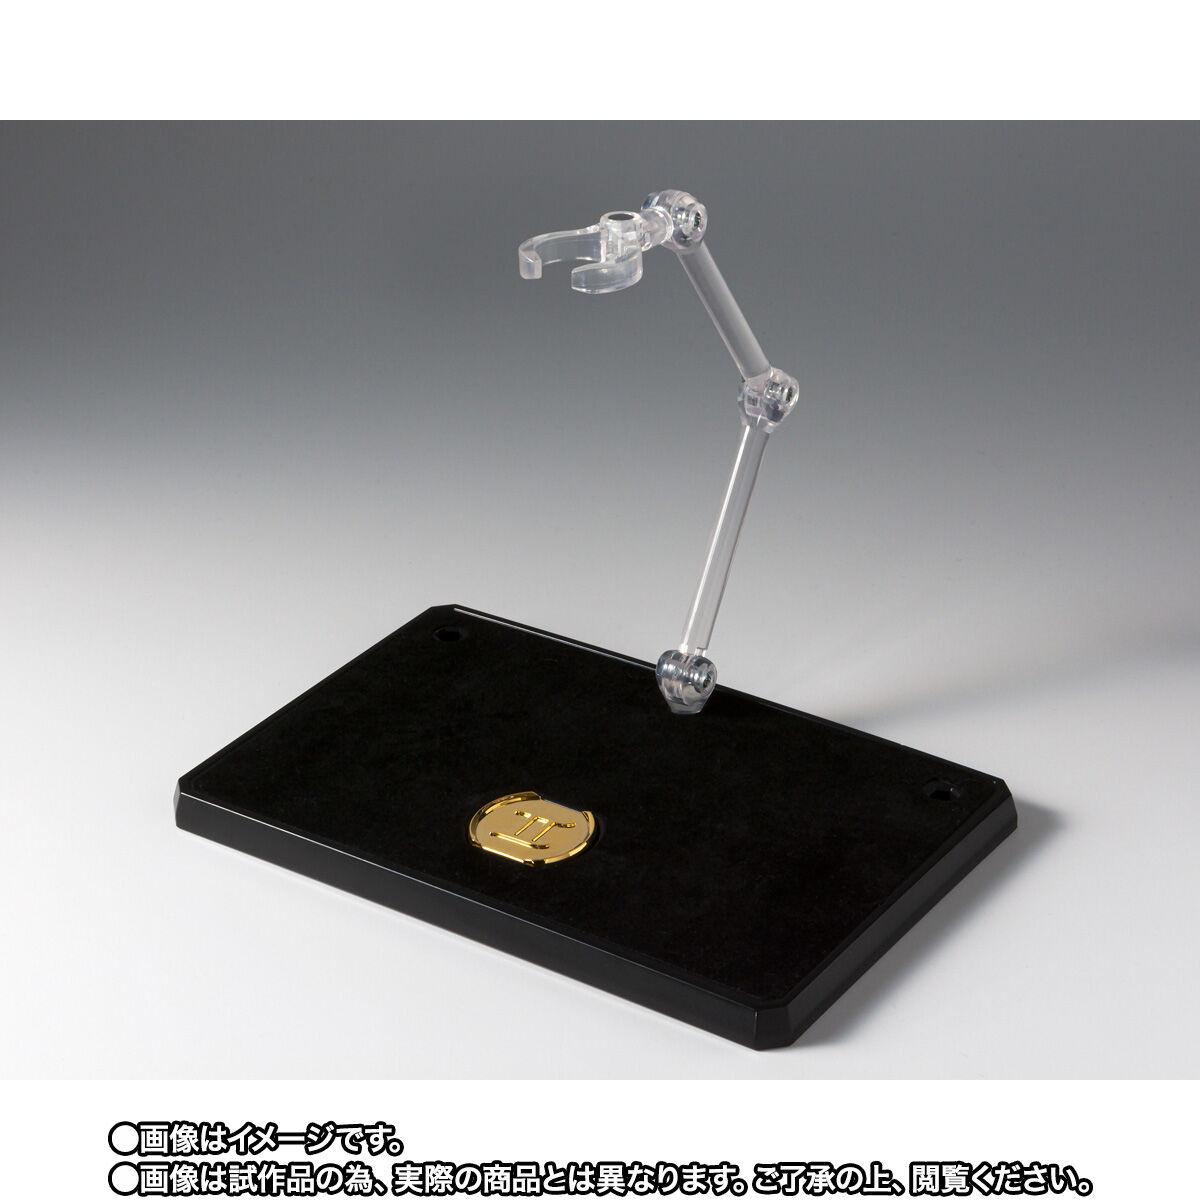 【限定販売】聖闘士聖衣神話EX『ジェミニ サガ GOLD24』聖闘士星矢 可動フィギュア-008